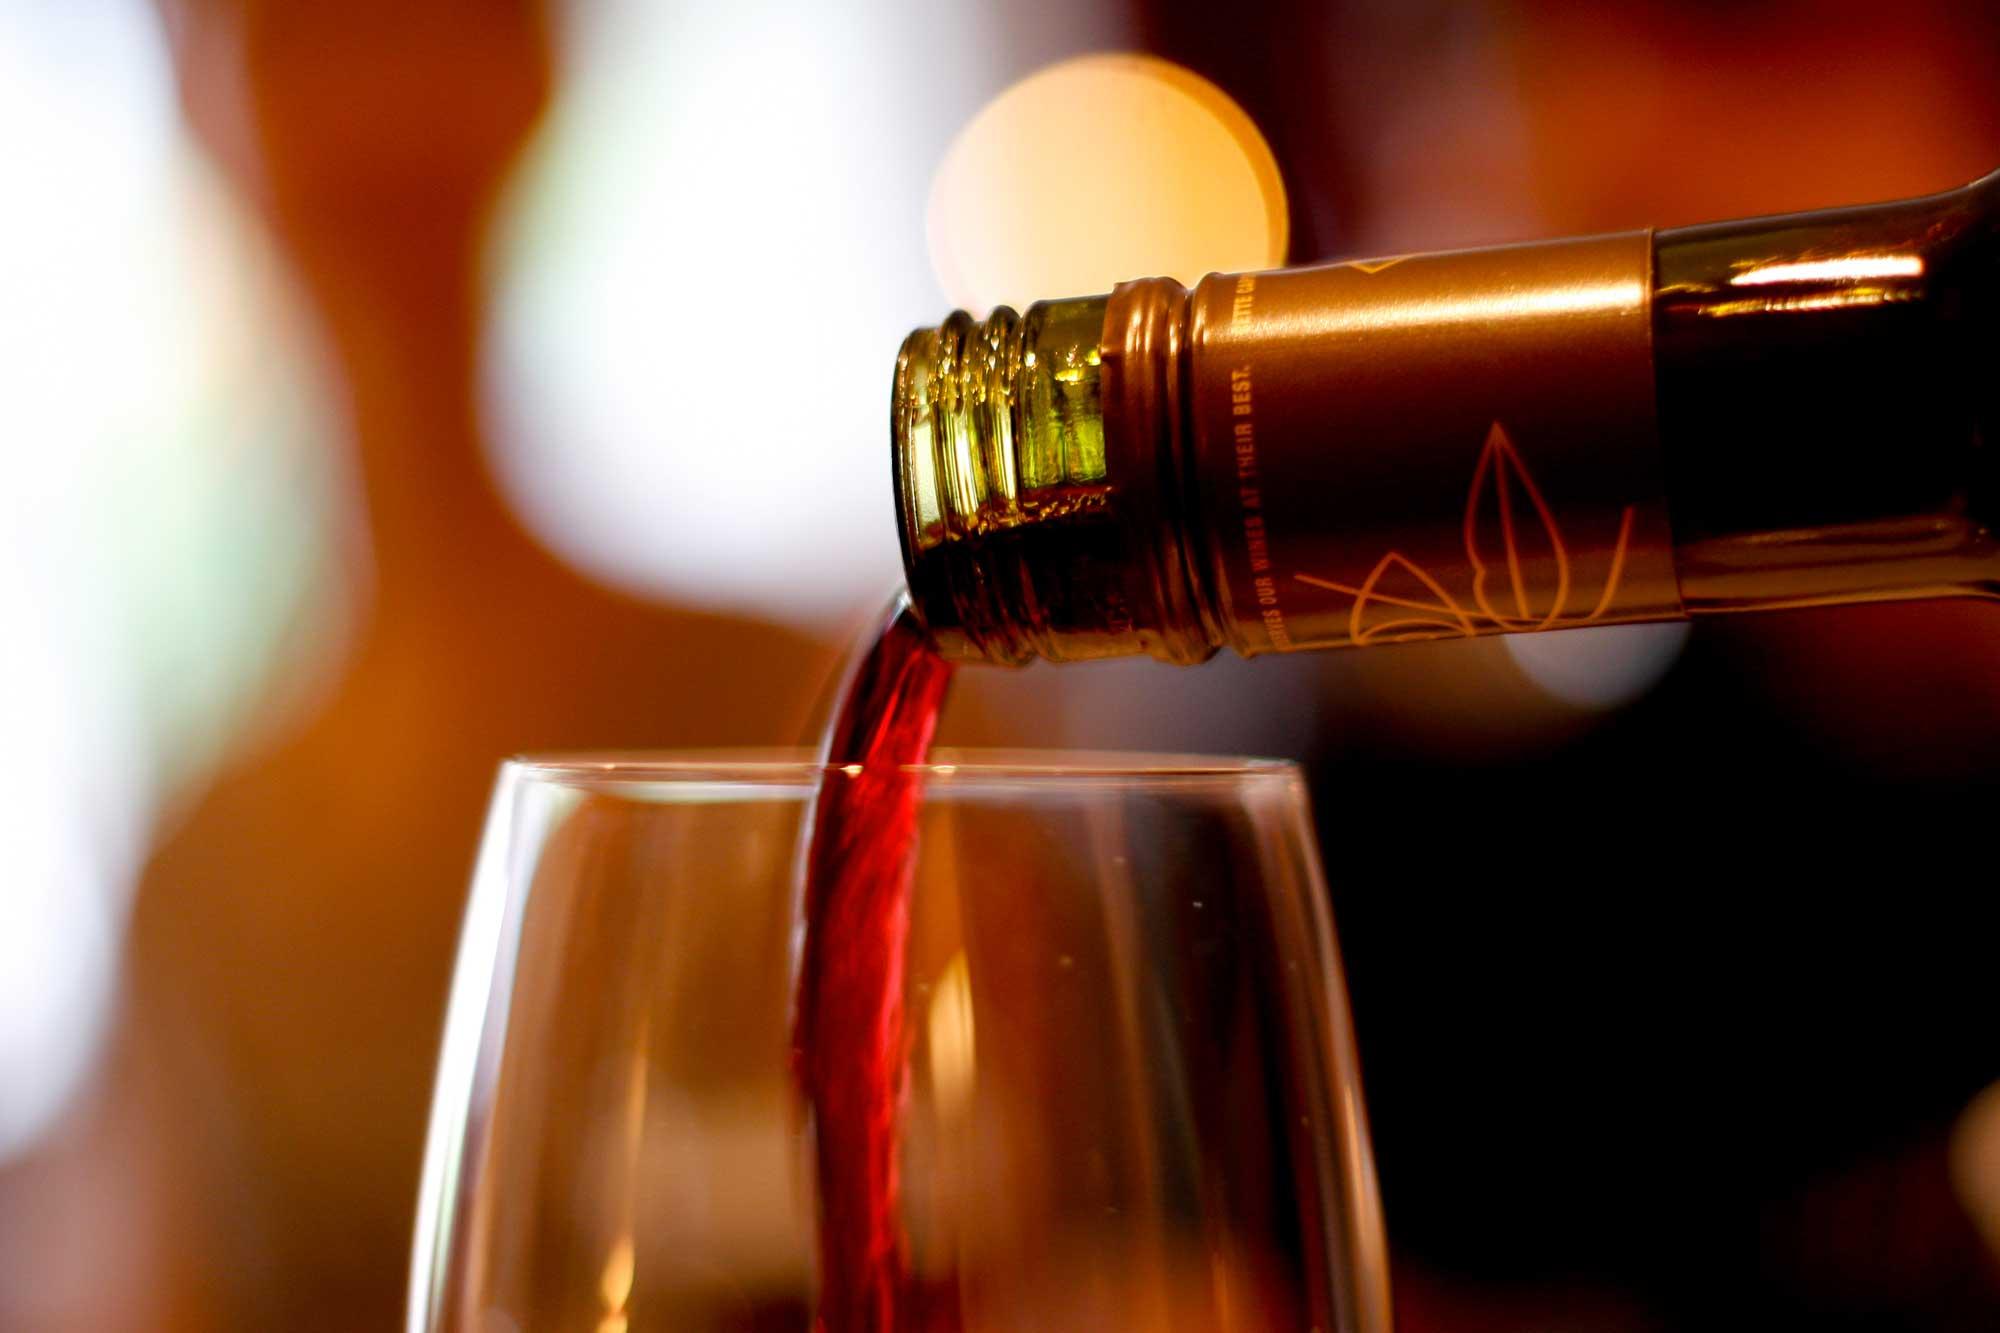 Una corretta igiene orale passa anche attraverso un bicchiere di vino